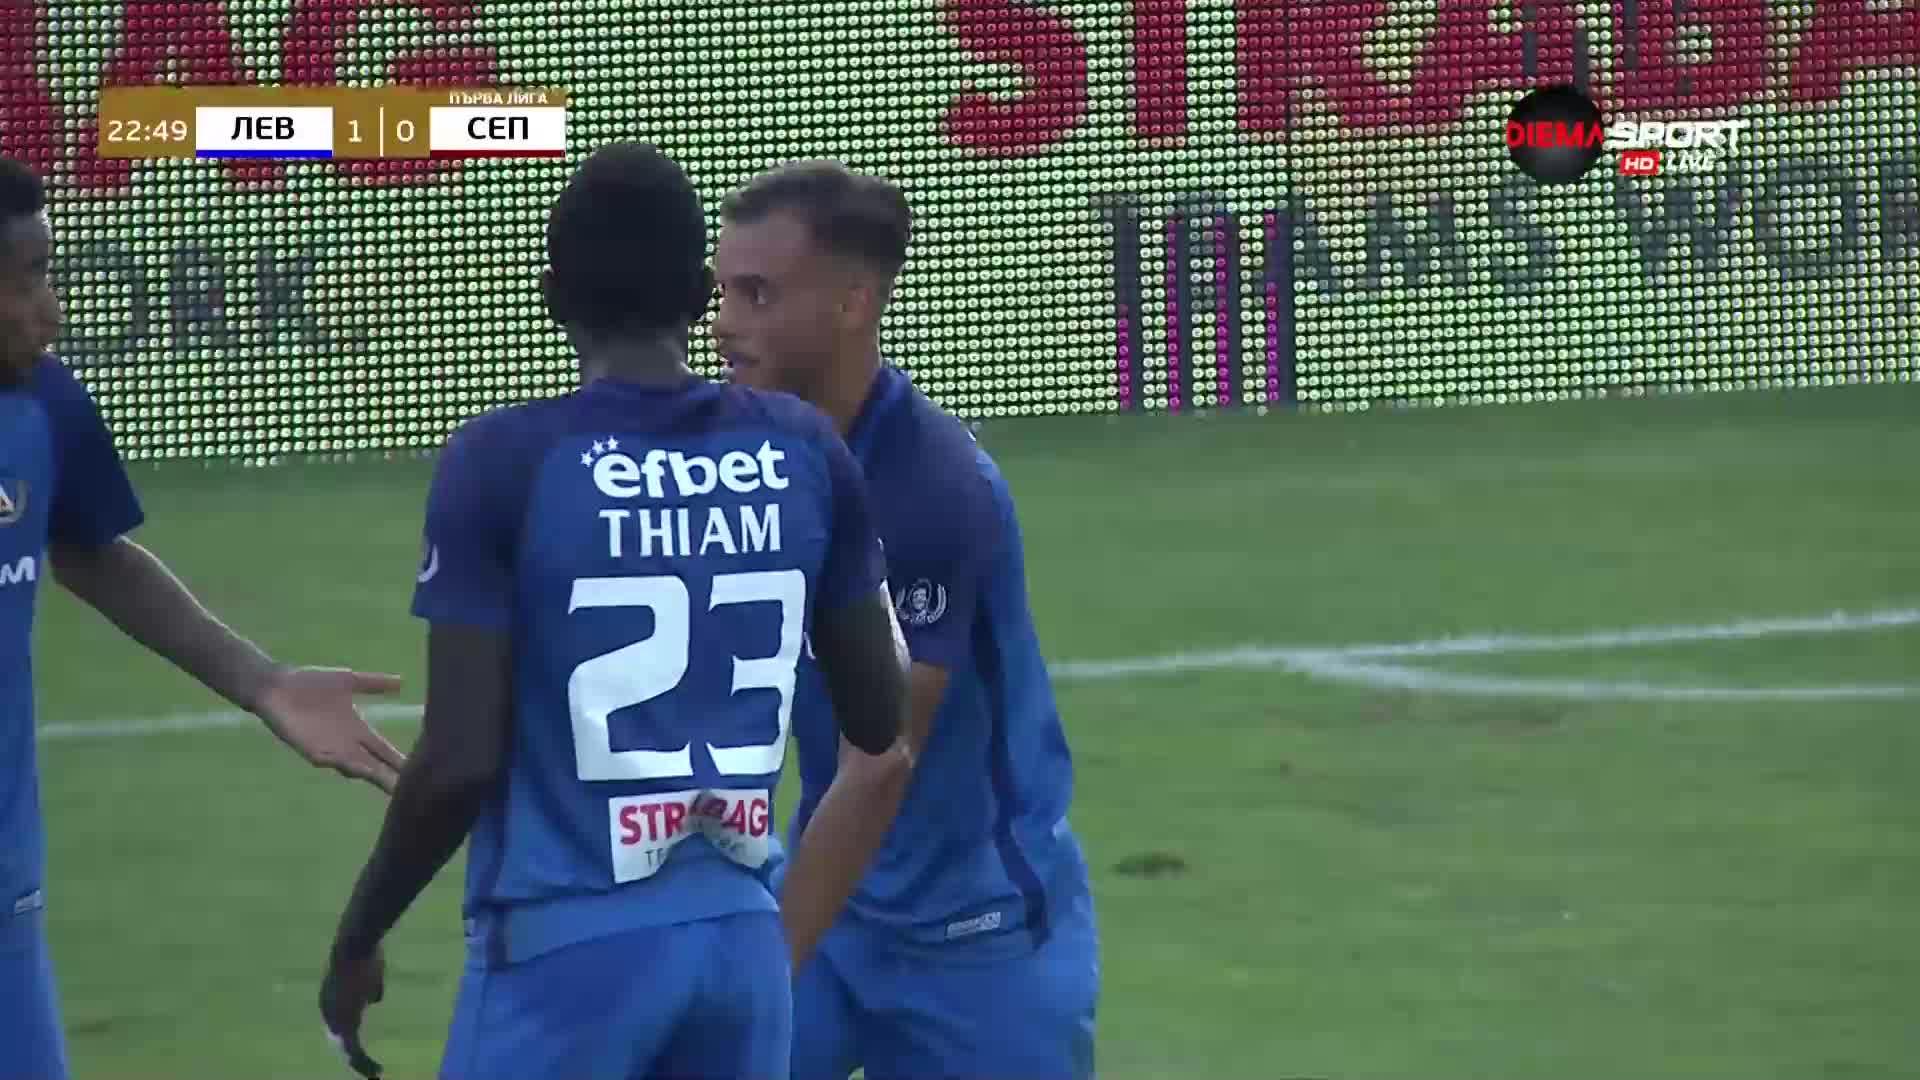 Левски откри резултата срещу Септември